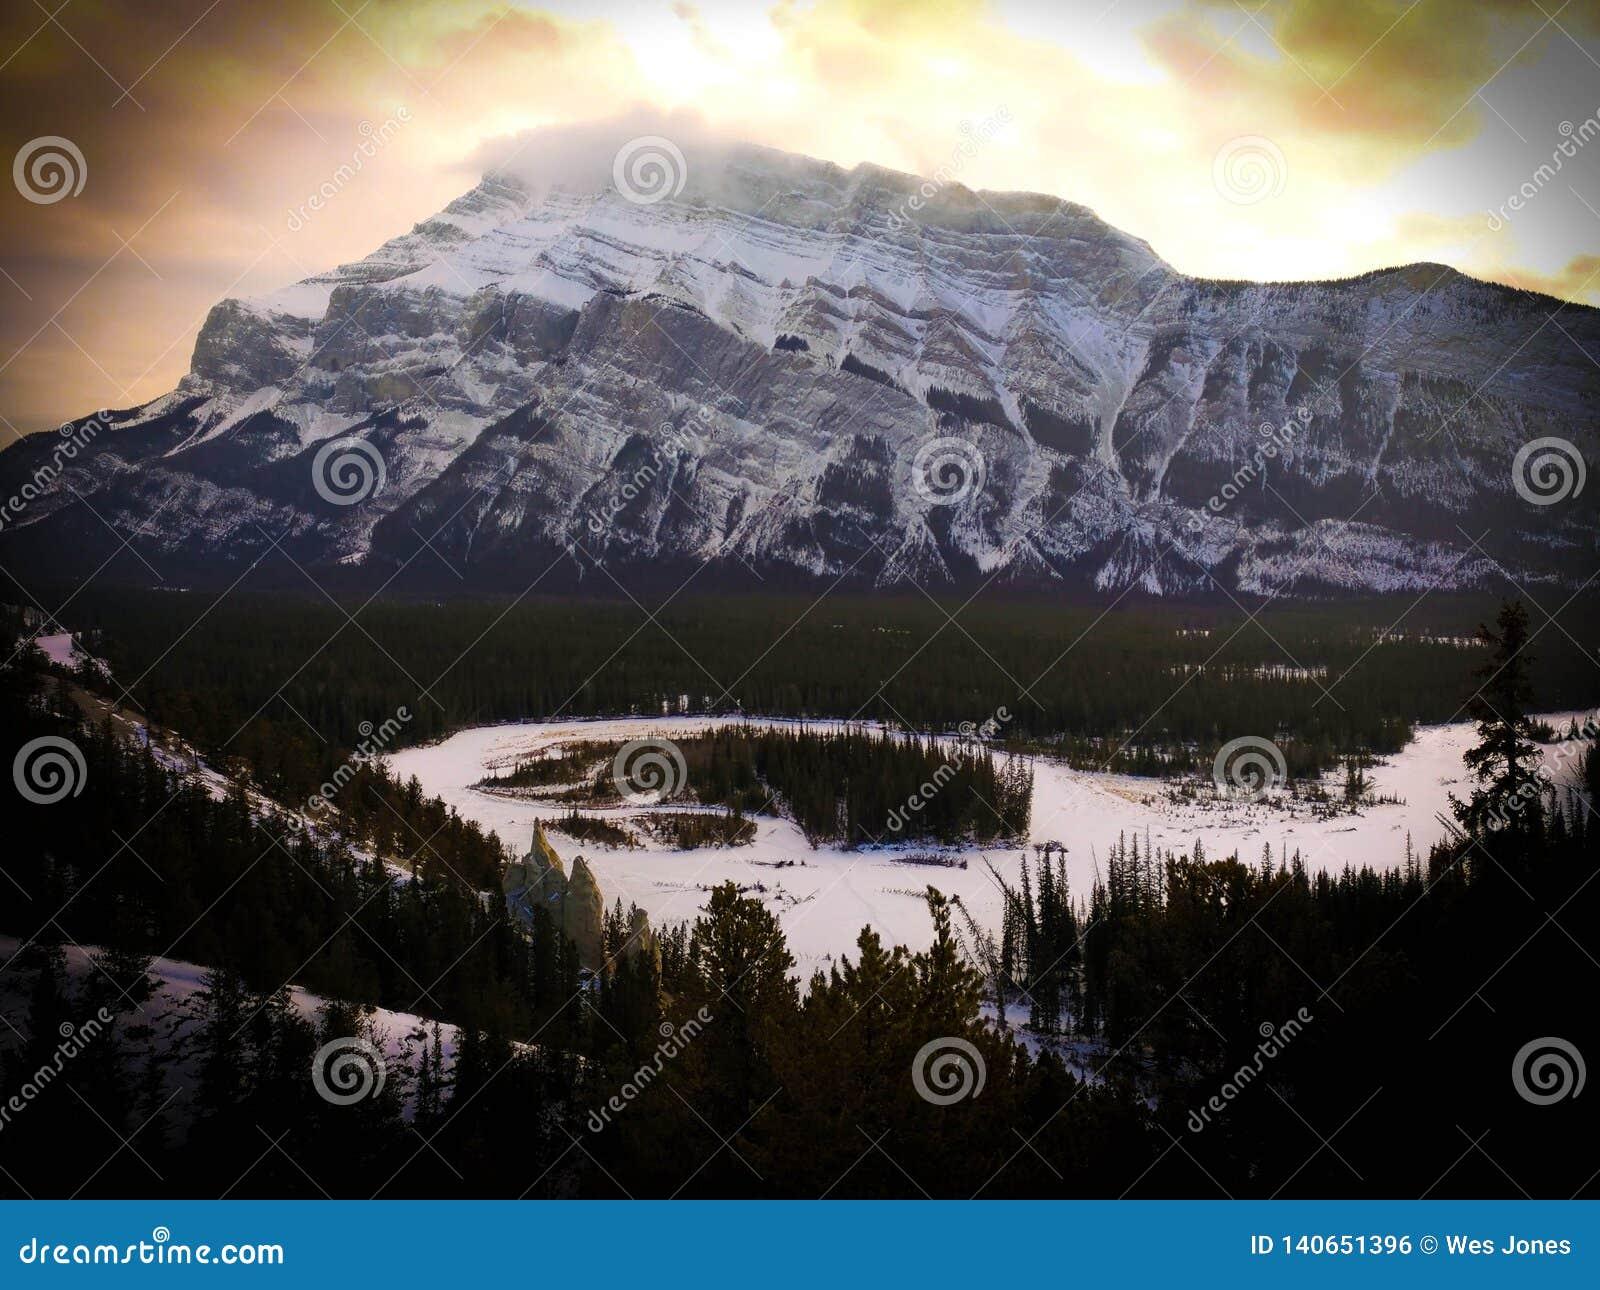 Kanadier Rocky Mountains an Nationalpark Banffs bei Sonnenuntergang